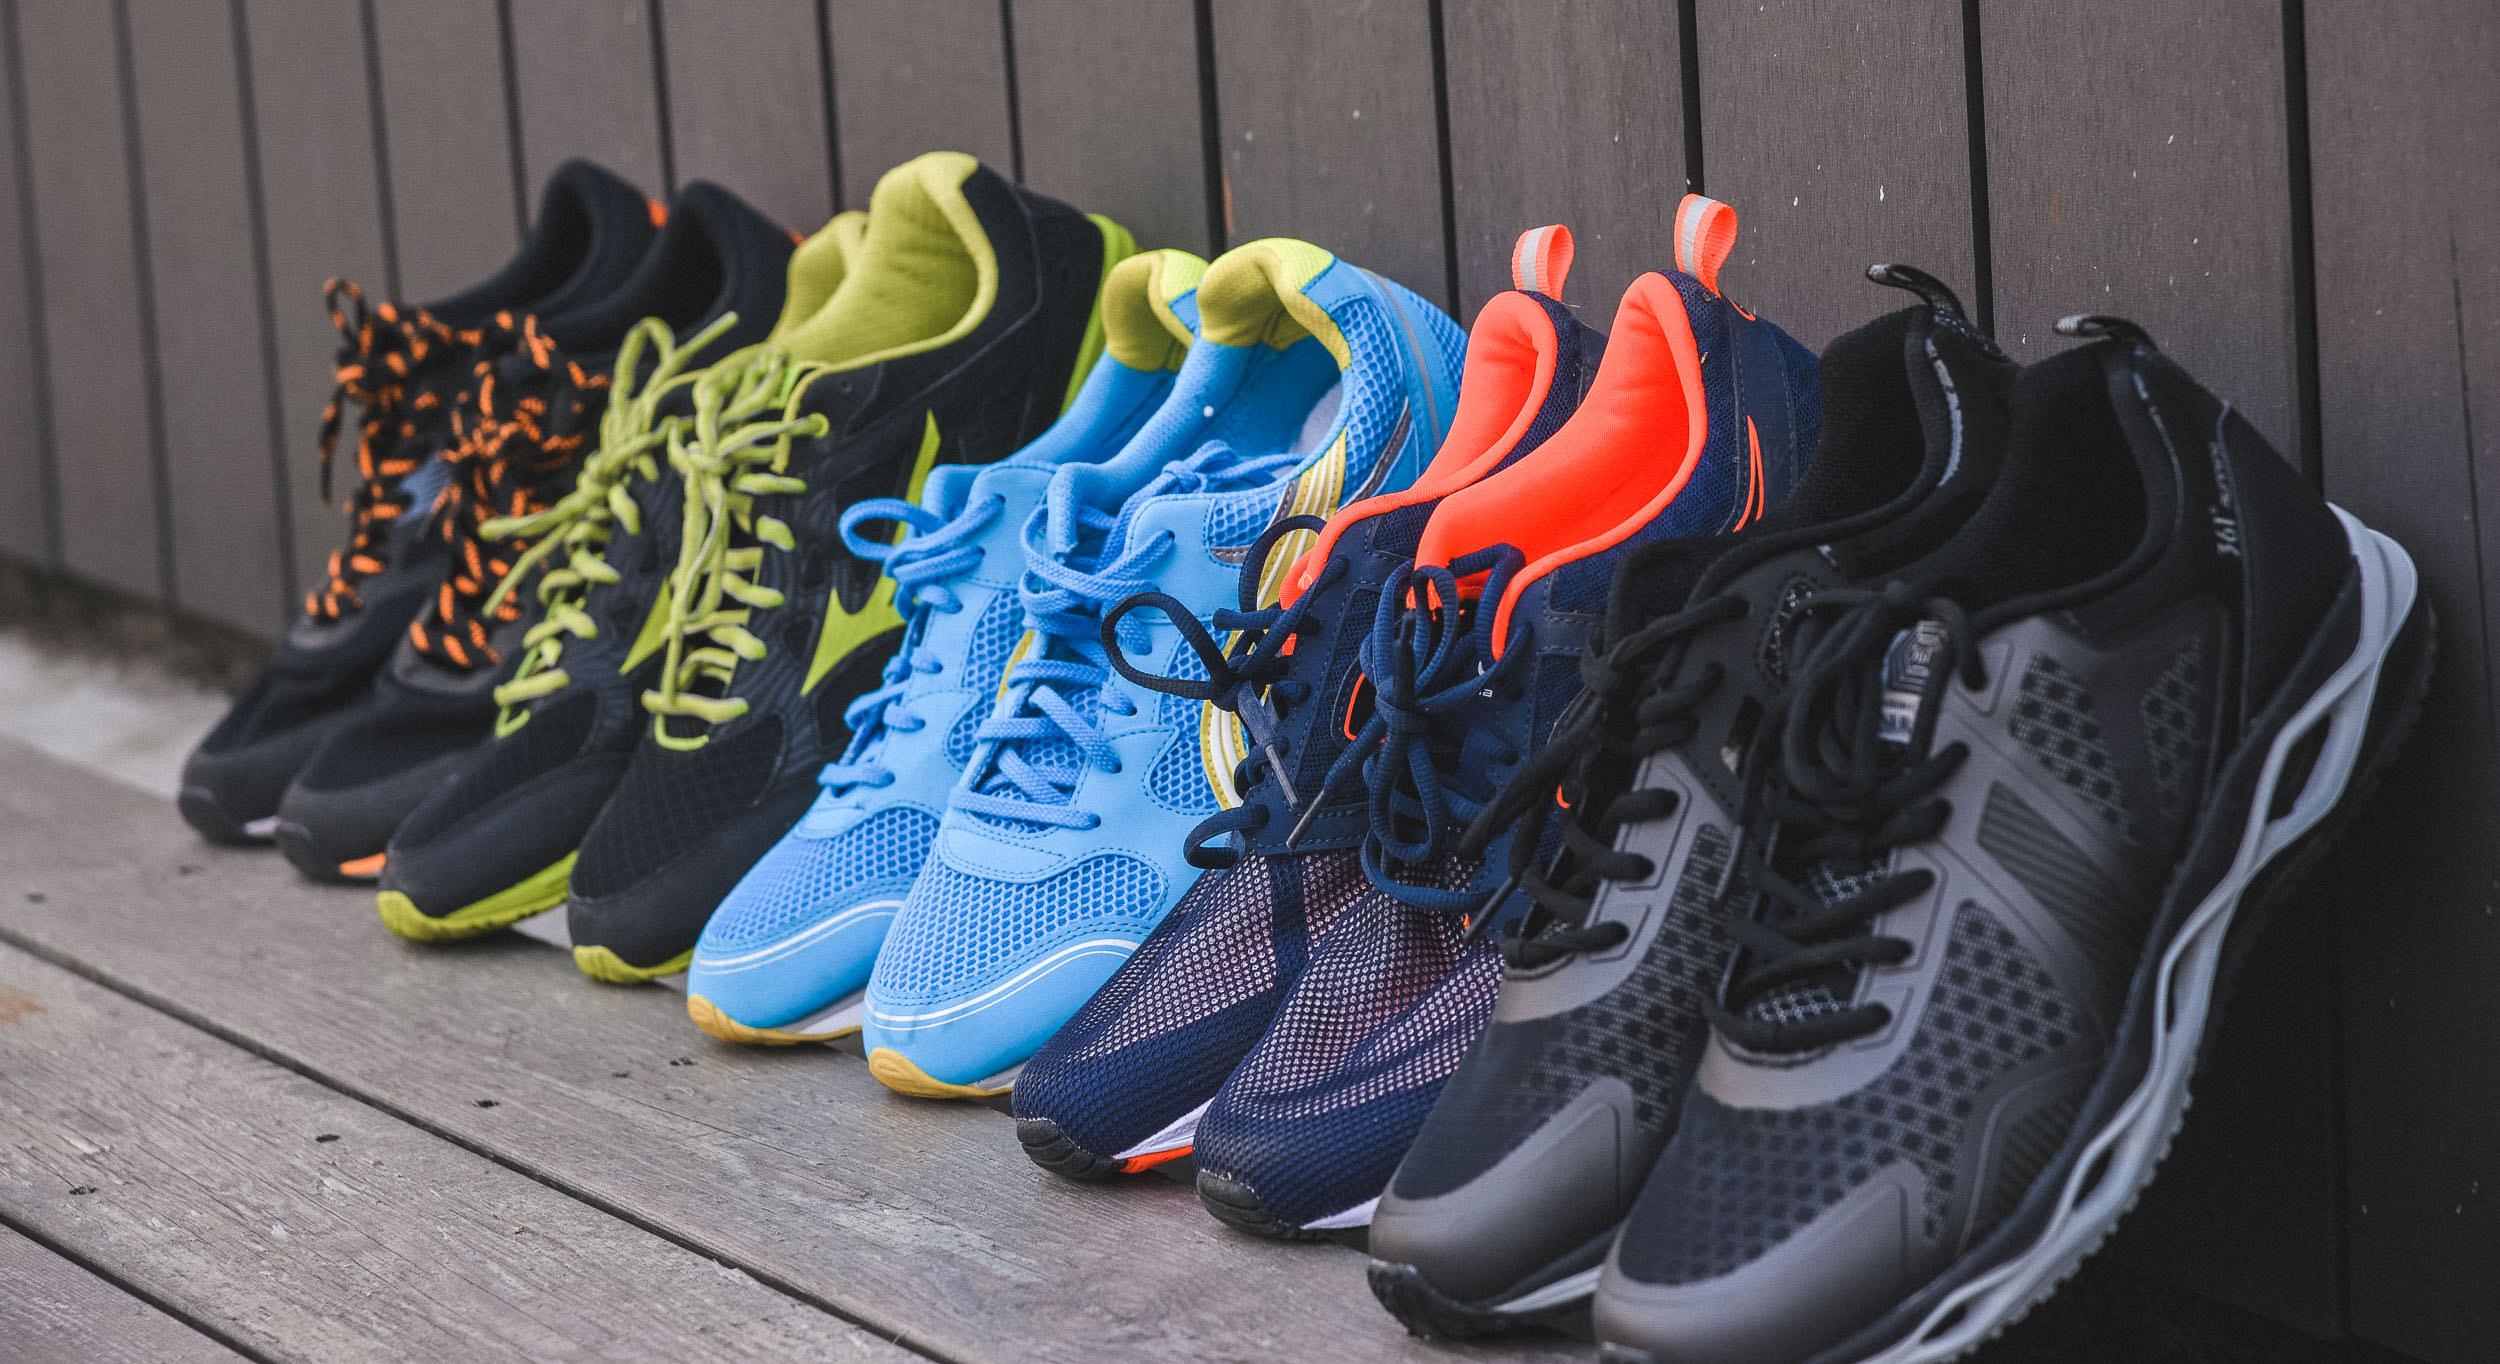 TopX | 性价比为王 200块的跑鞋真的能跑步么?